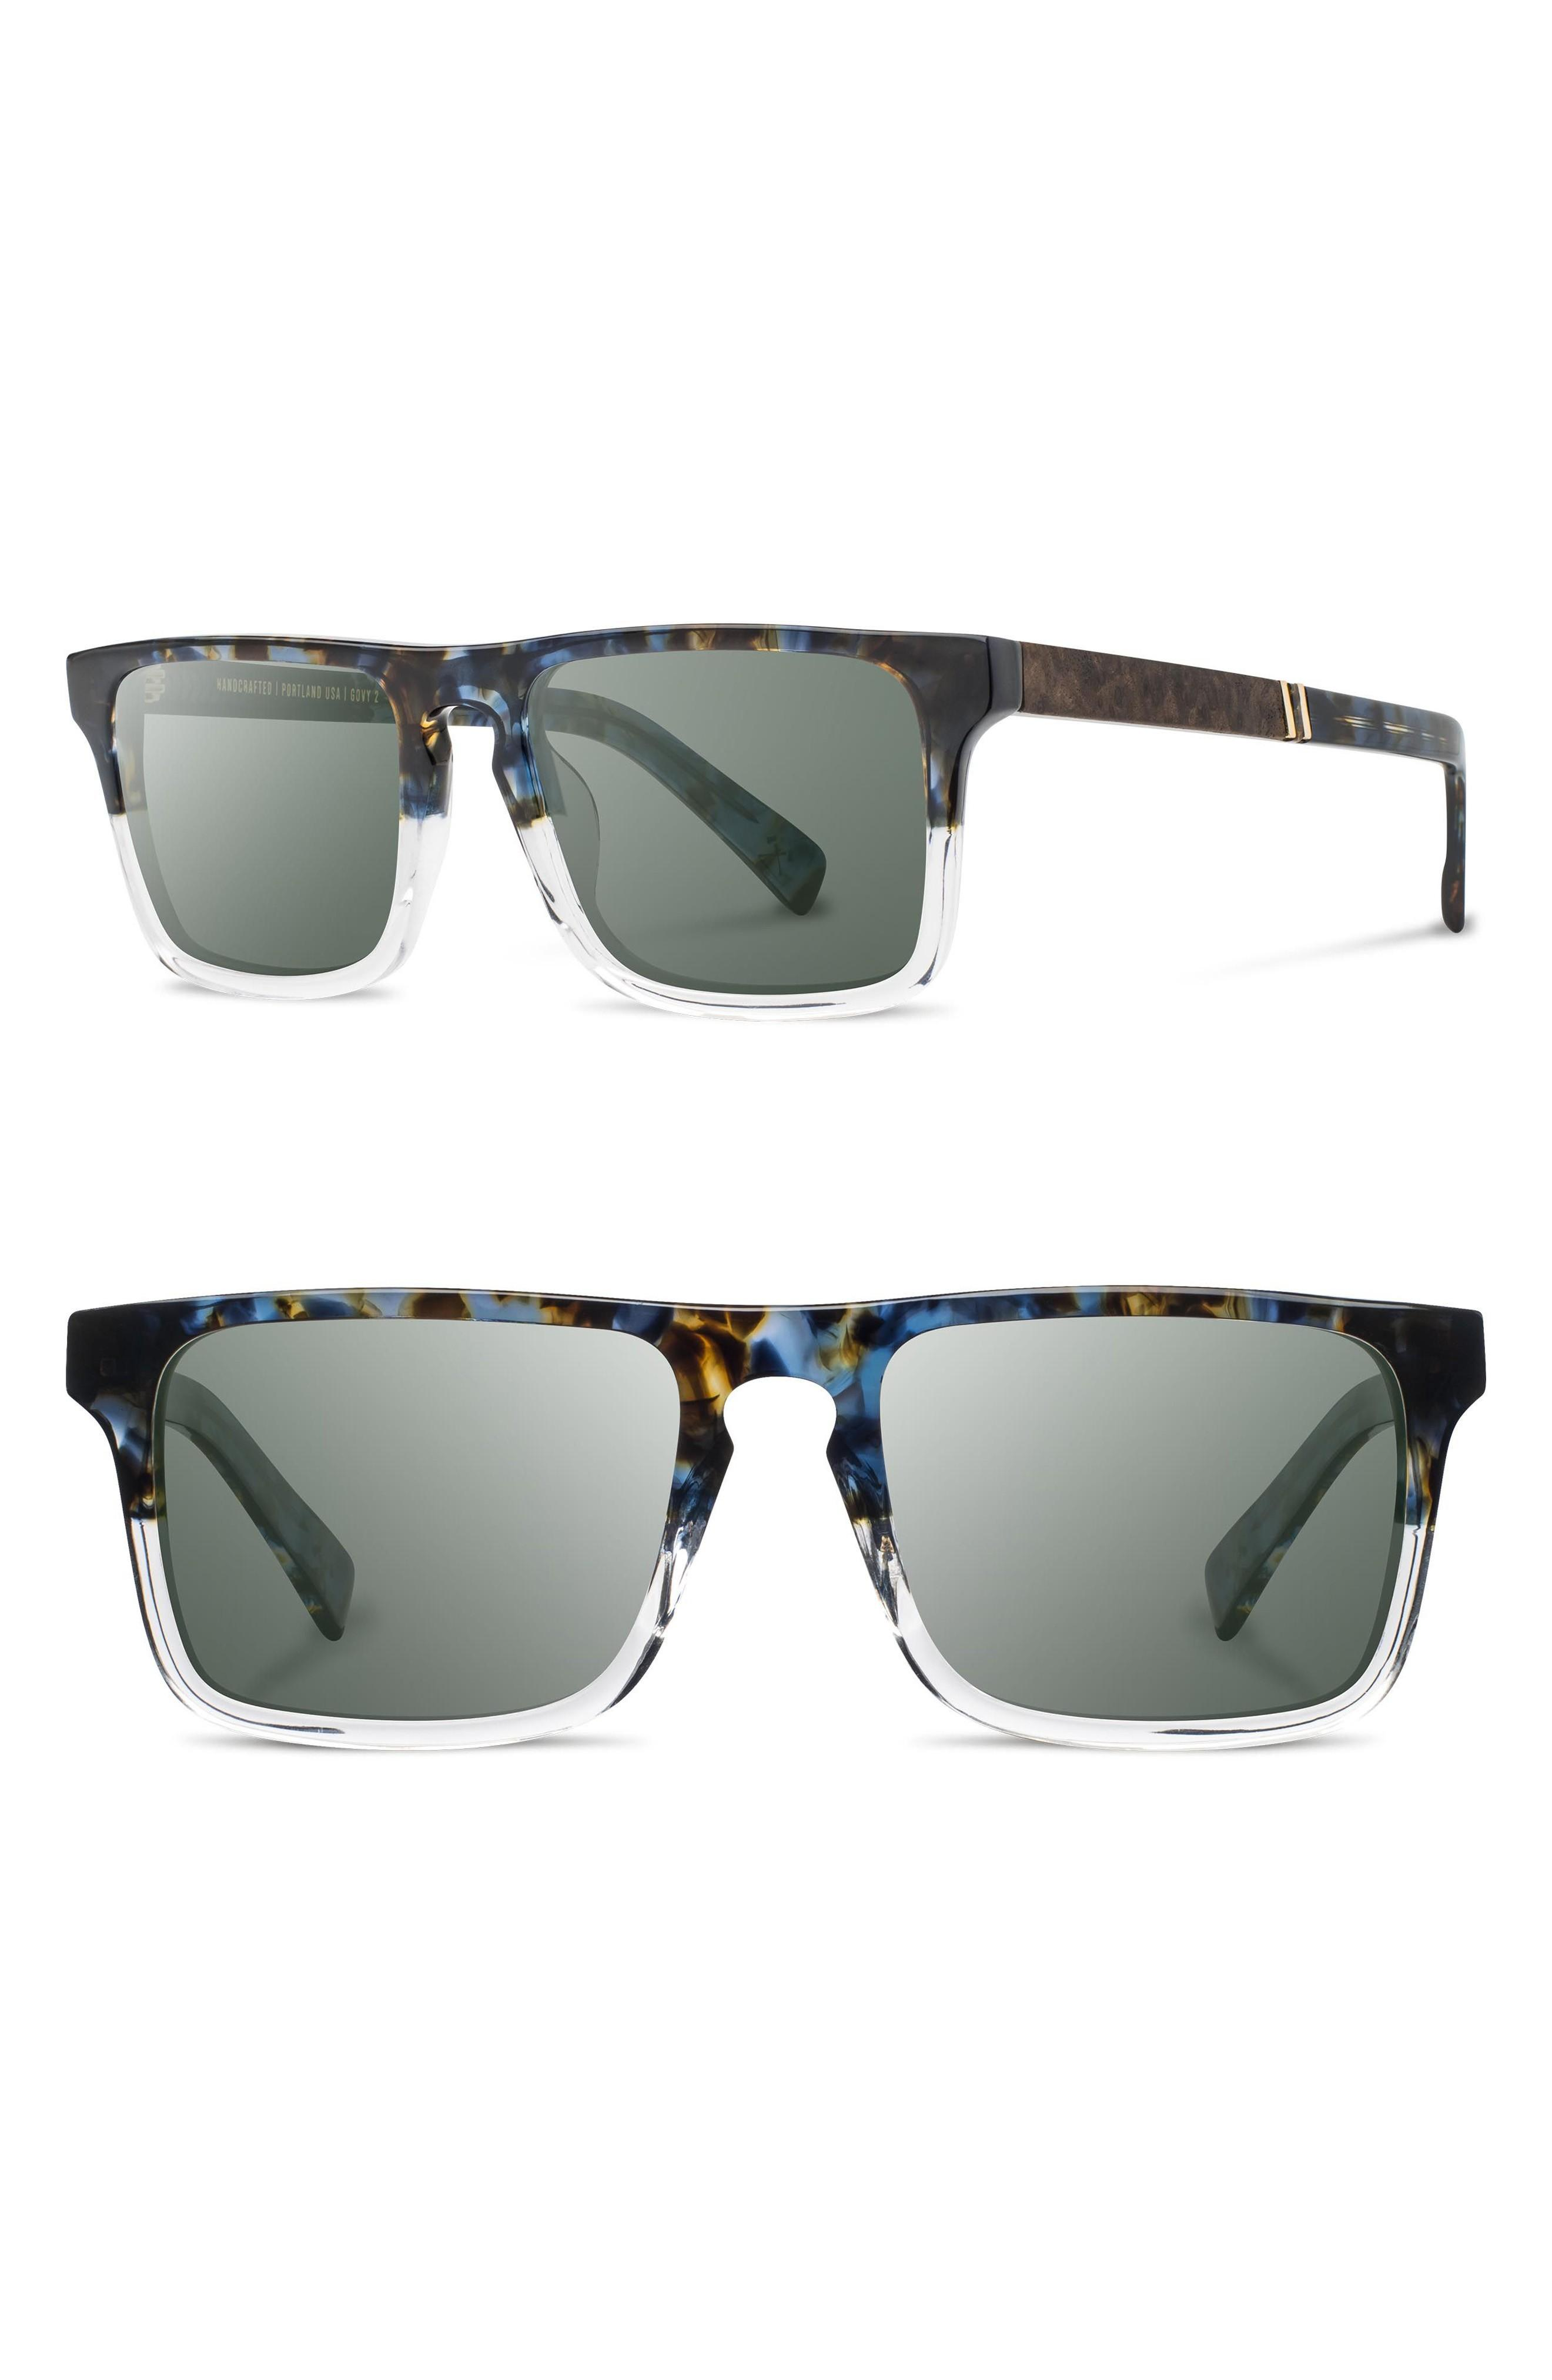 f427c5b35b Shwood  Govy 2  53Mm Sunglasses - Blue Nebula  Elm  G15